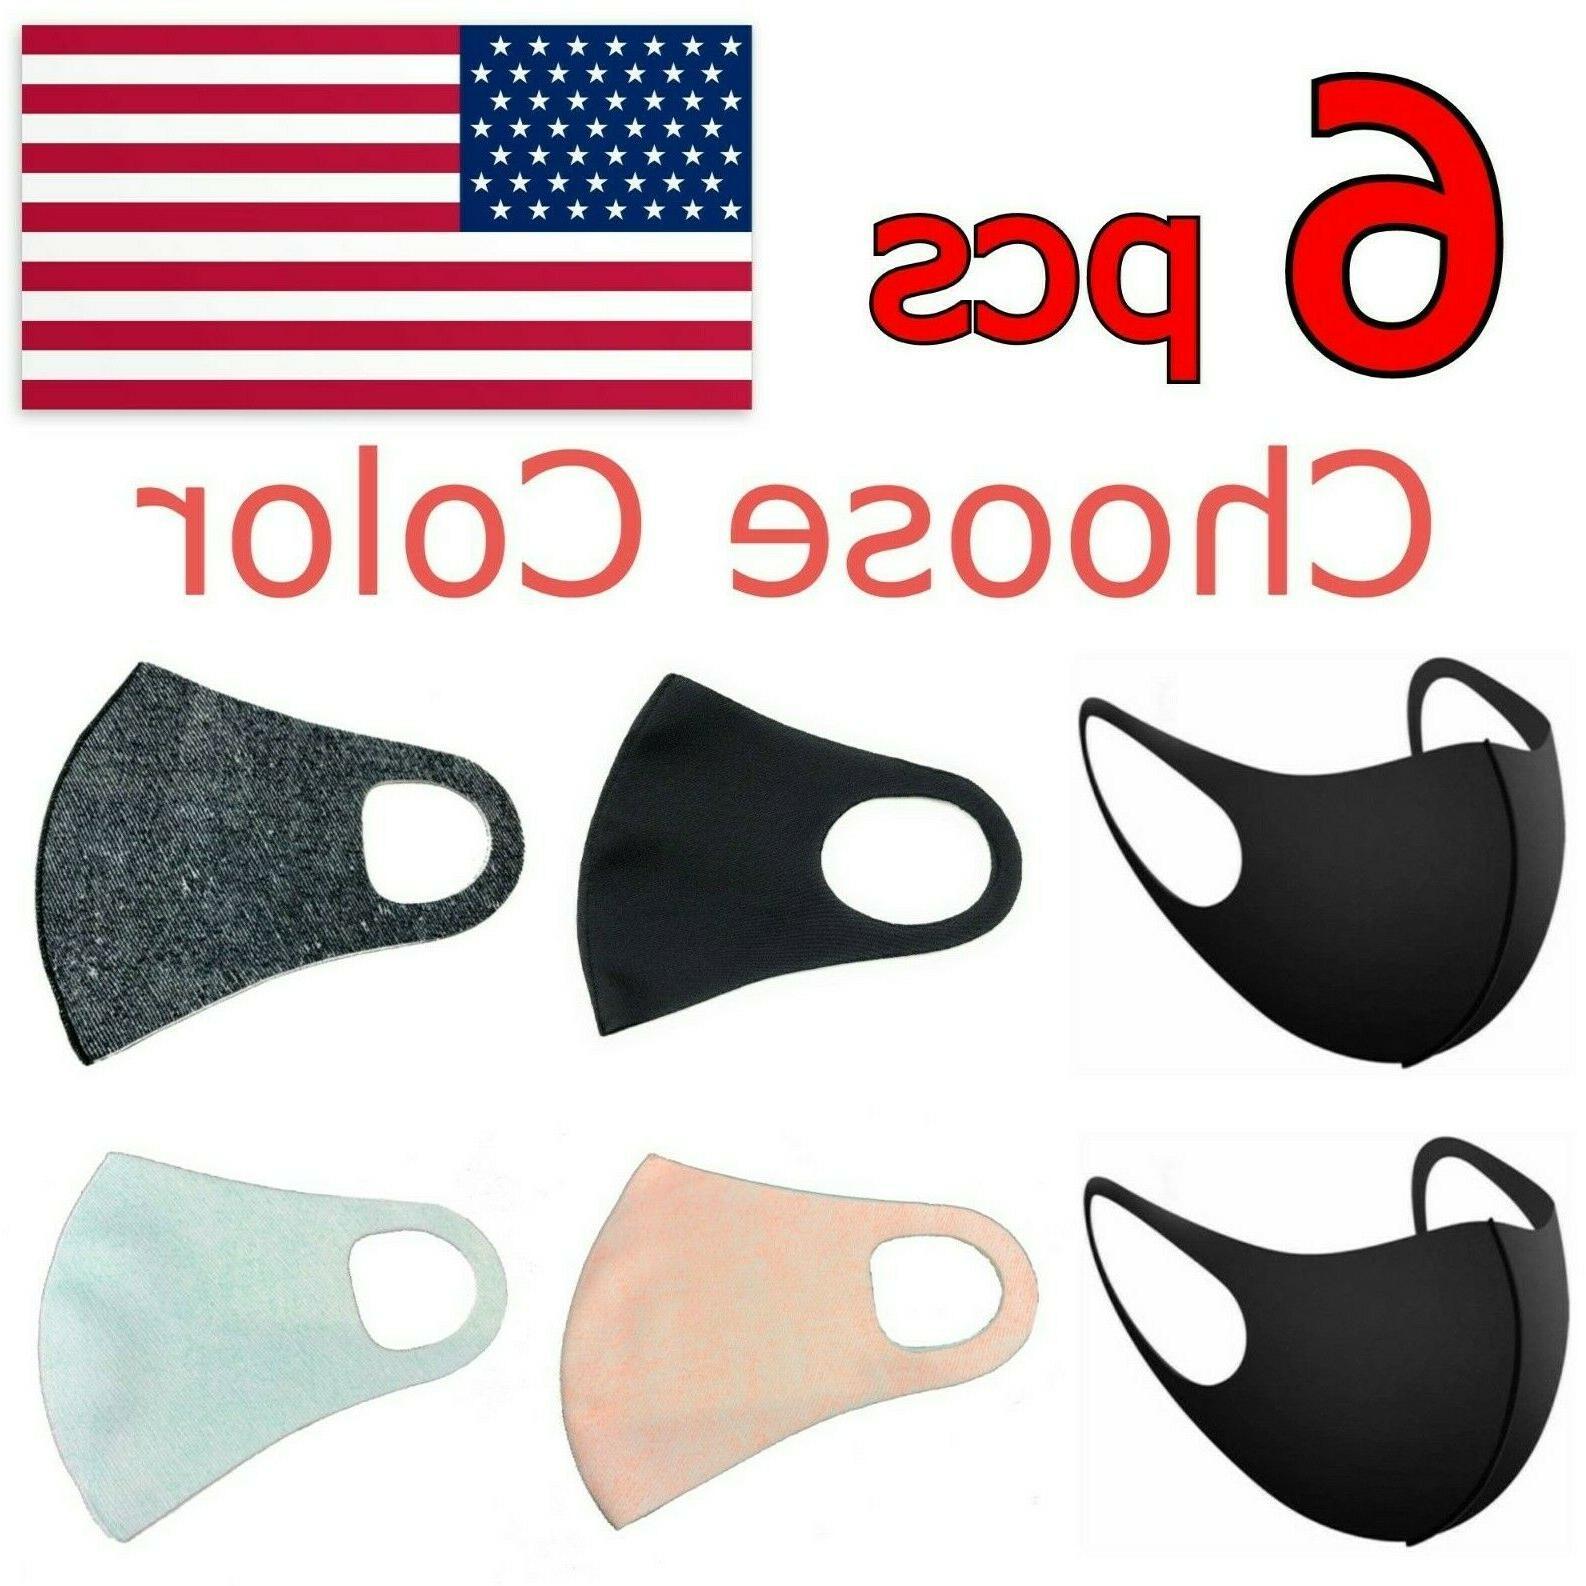 6 pcs face mask reusable washable adult